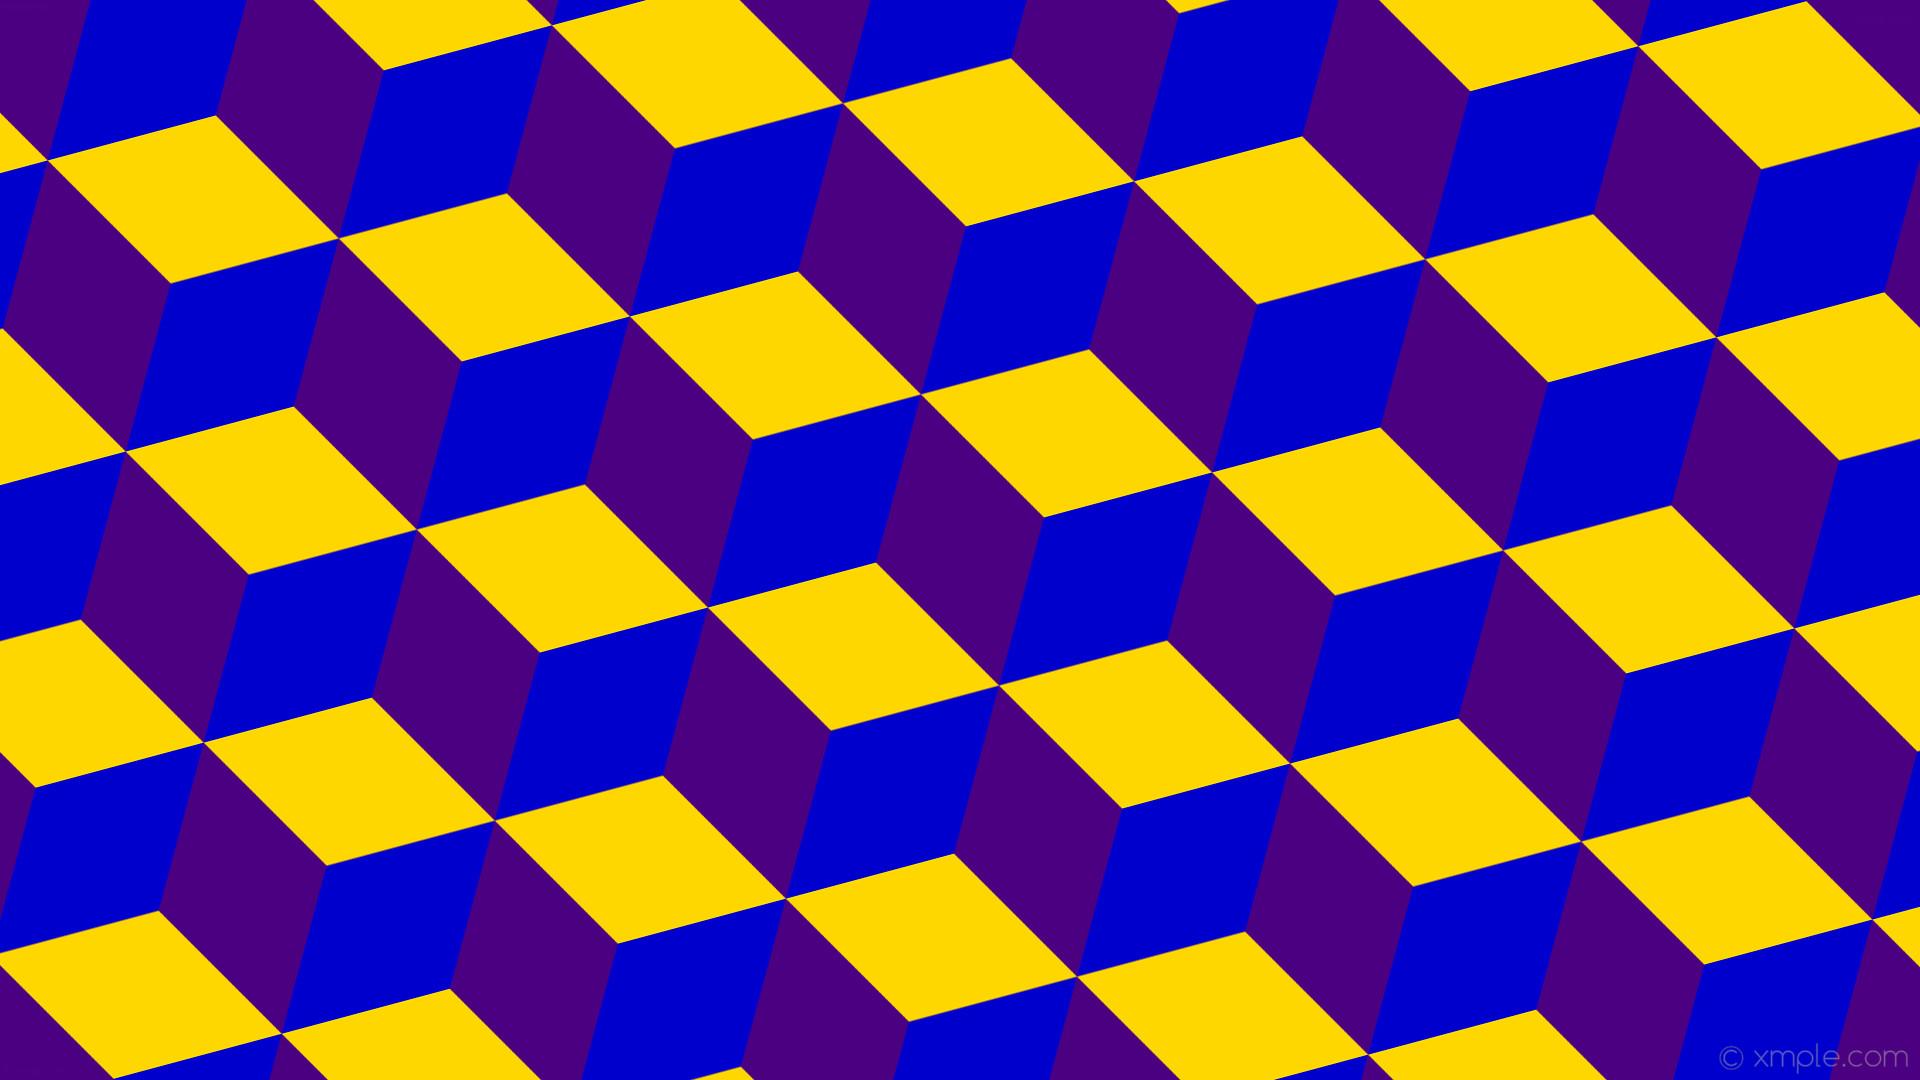 wallpaper purple blue 3d cubes yellow indigo medium blue gold #4b0082  #0000cd #ffd700